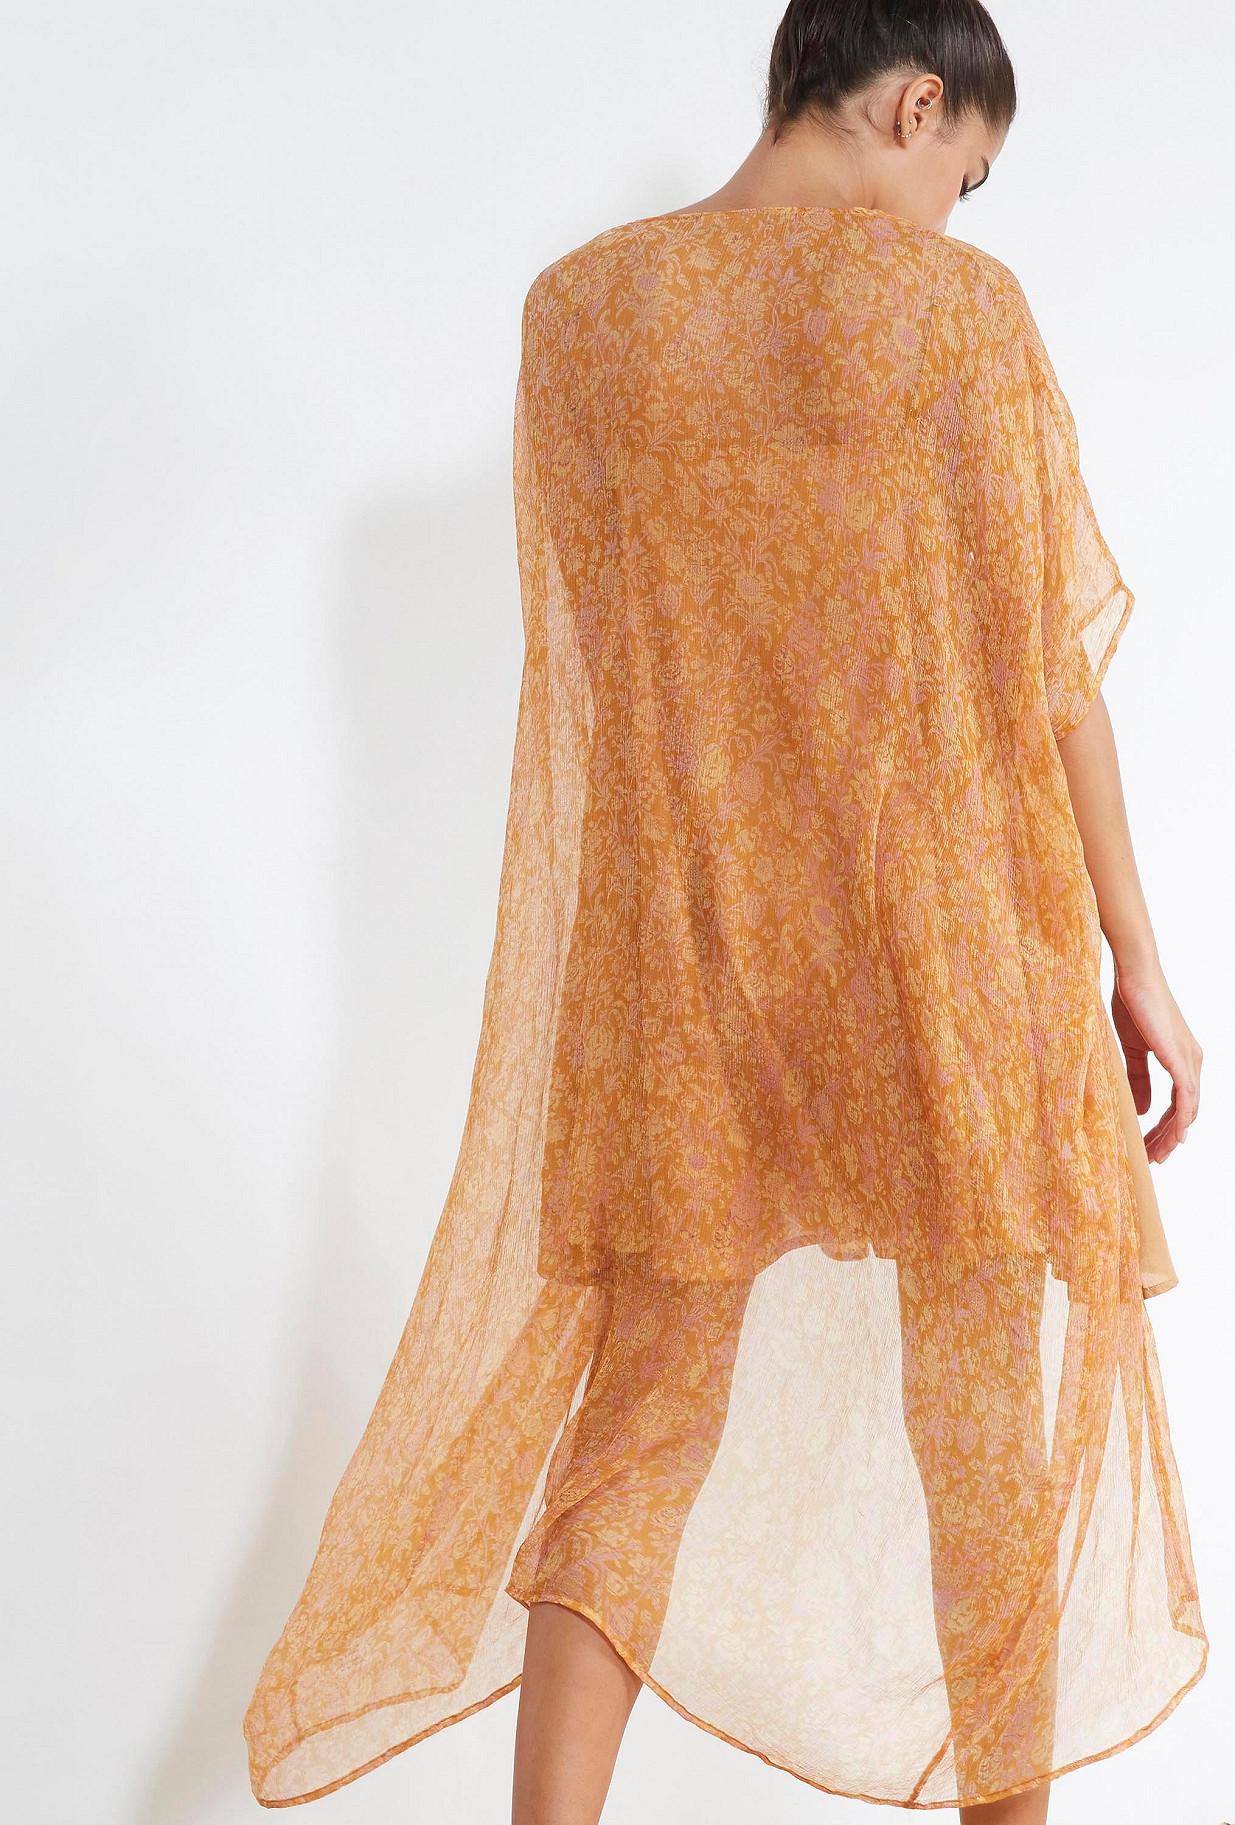 Floral print  KIMONO  Azalee Mes demoiselles fashion clothes designer Paris